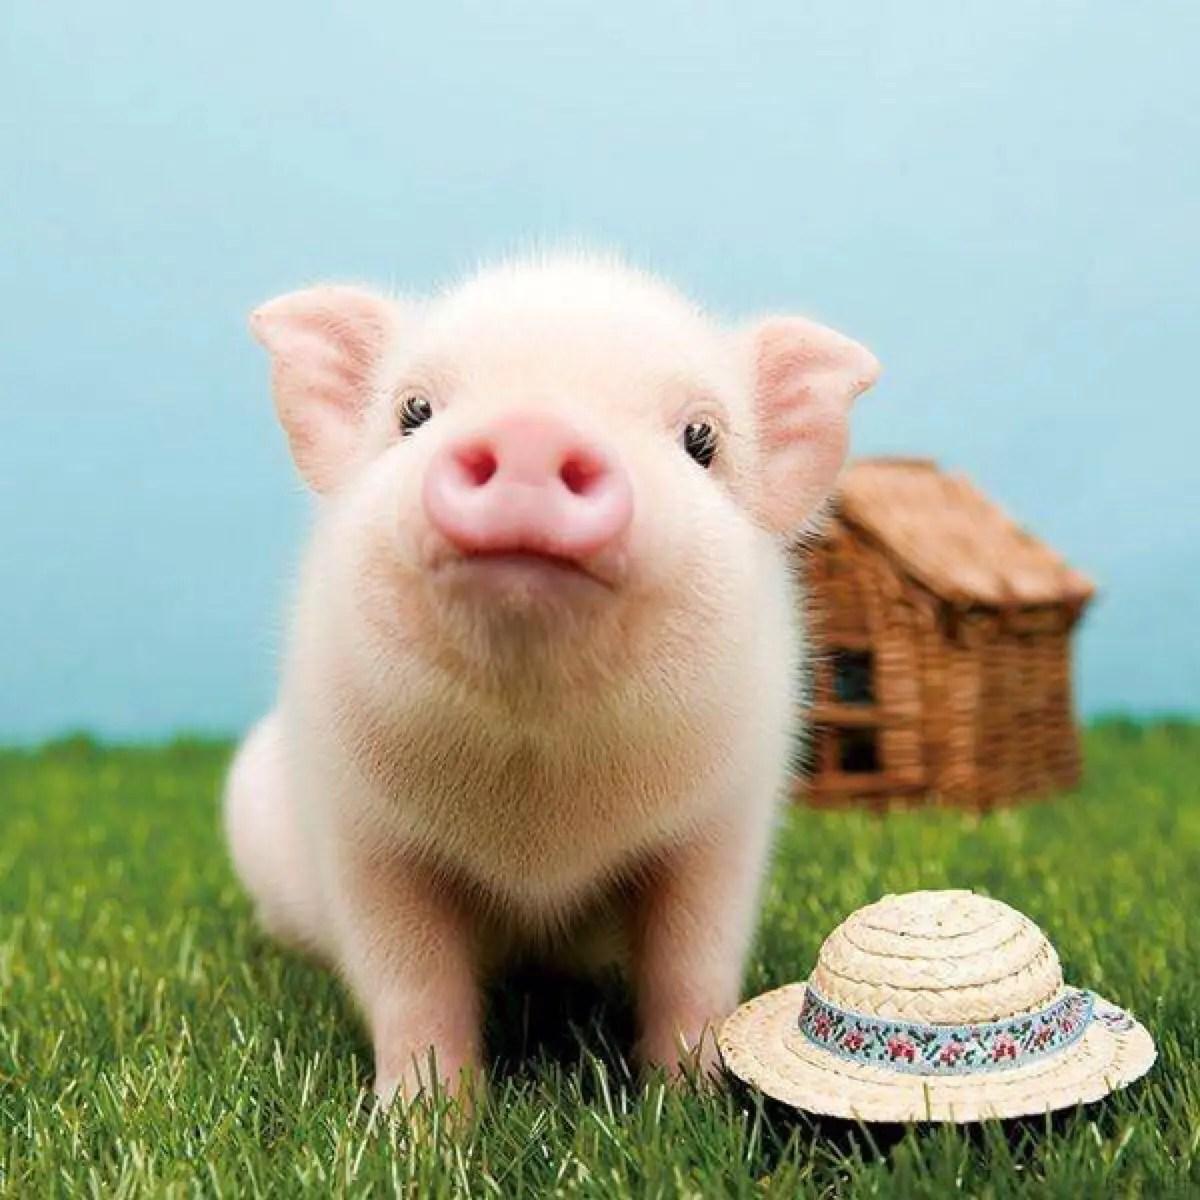 豬肉漲價的啟示 - 簡書